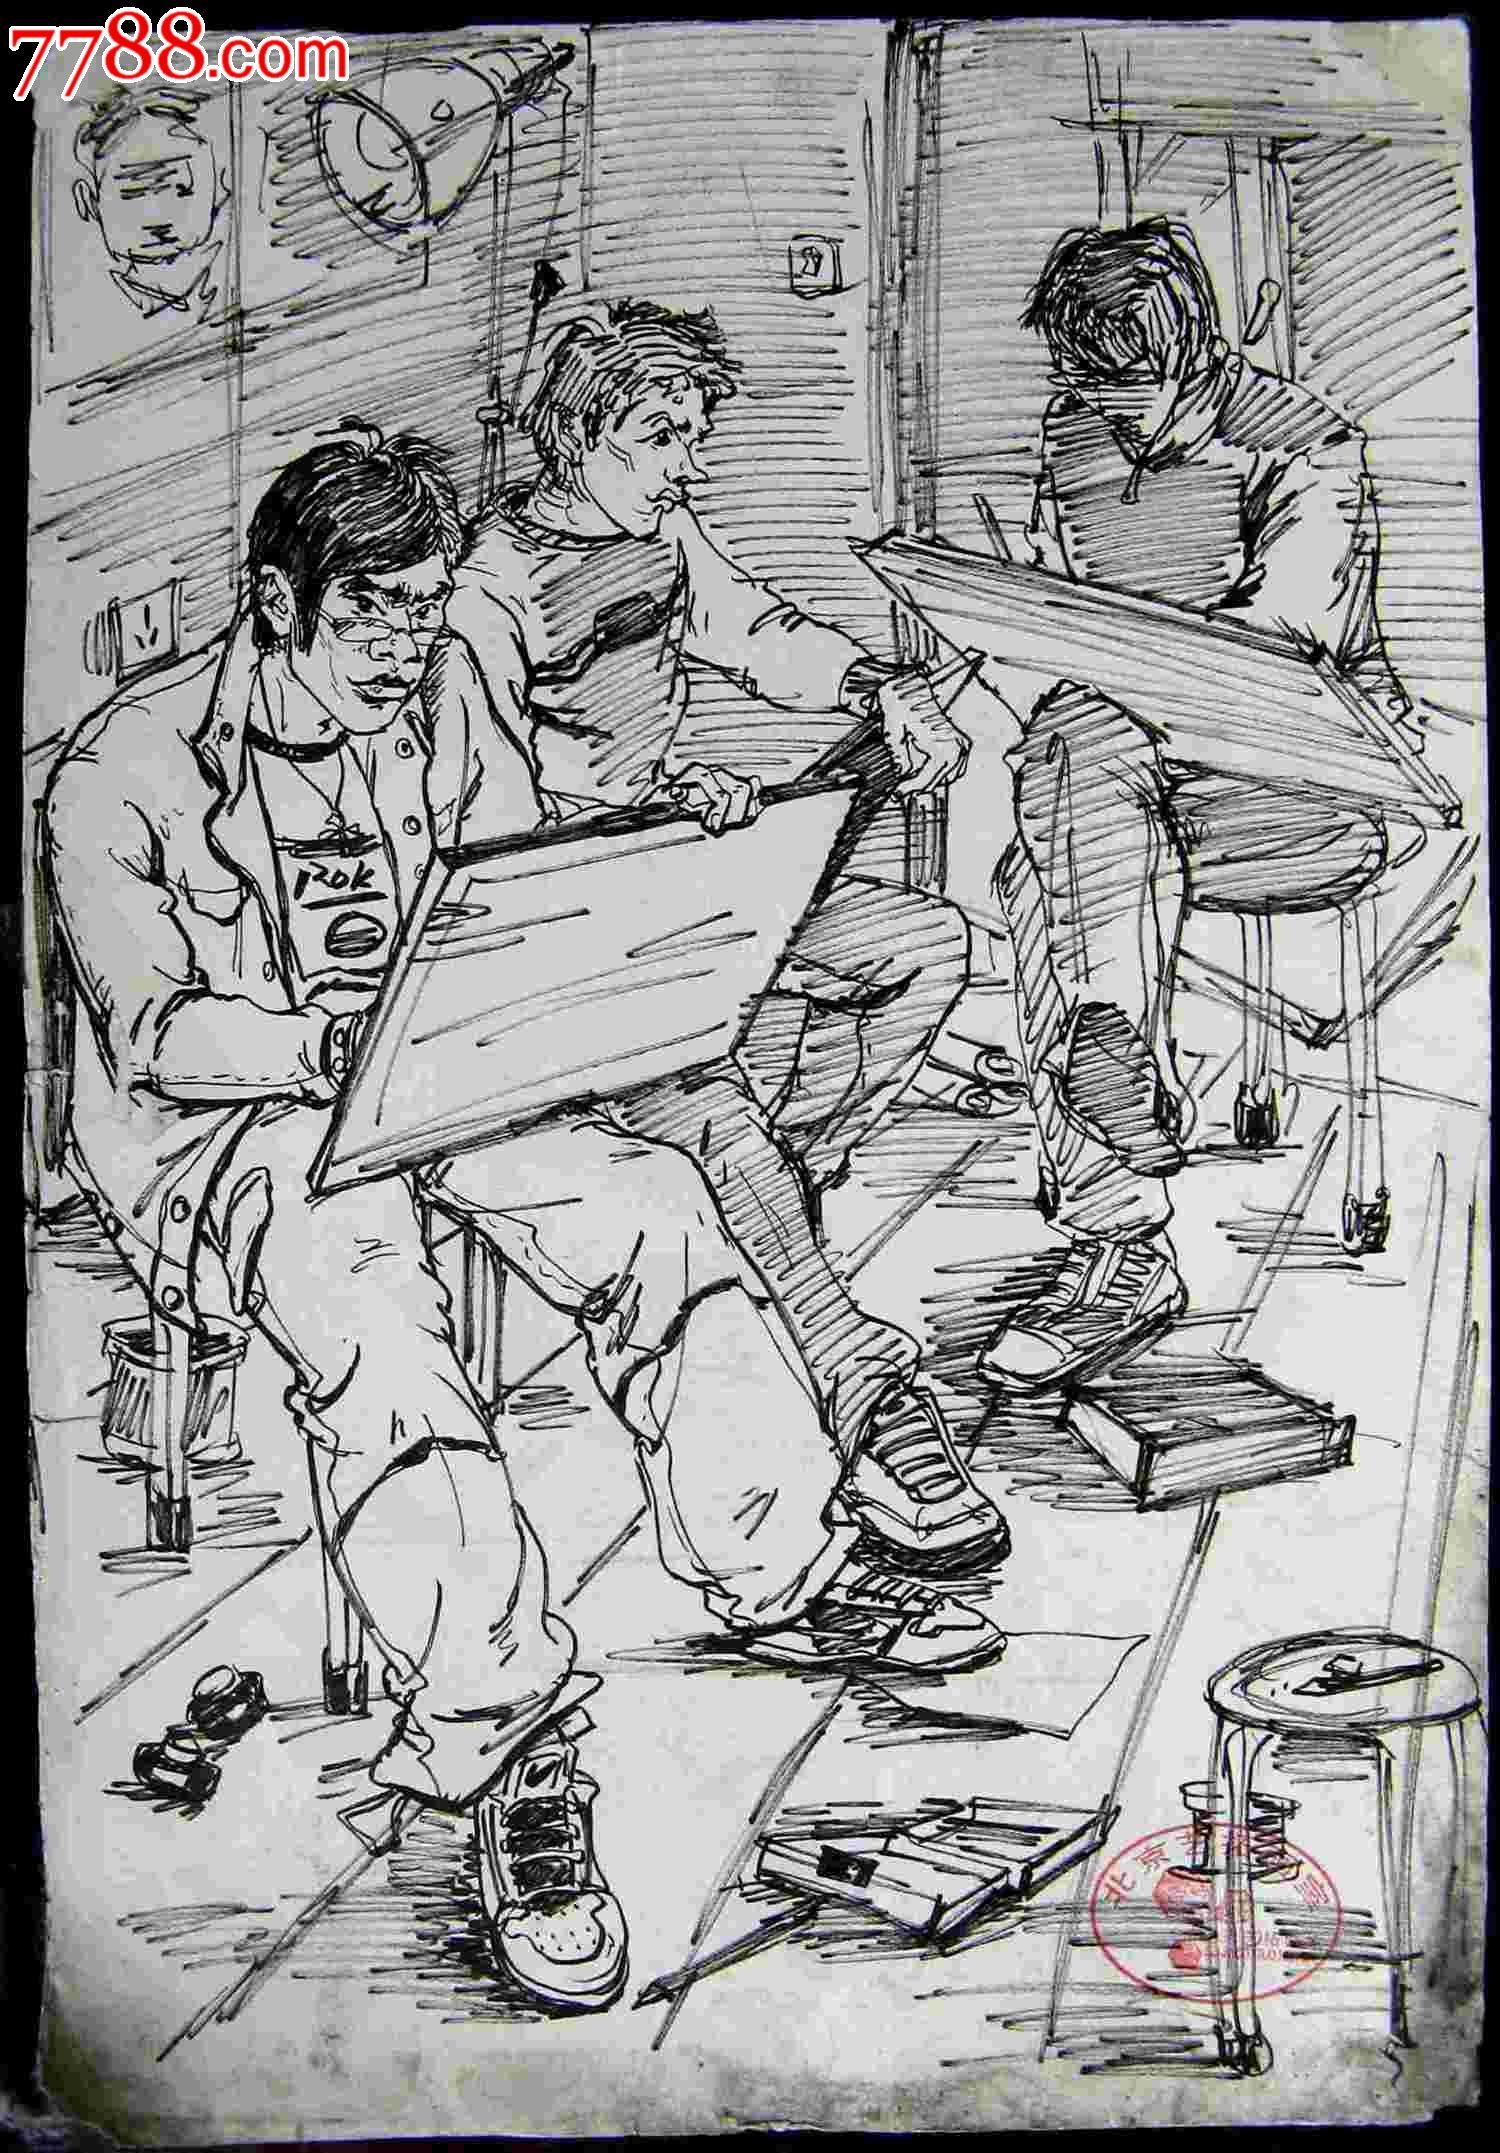 素描人物画正在写生的画手图片